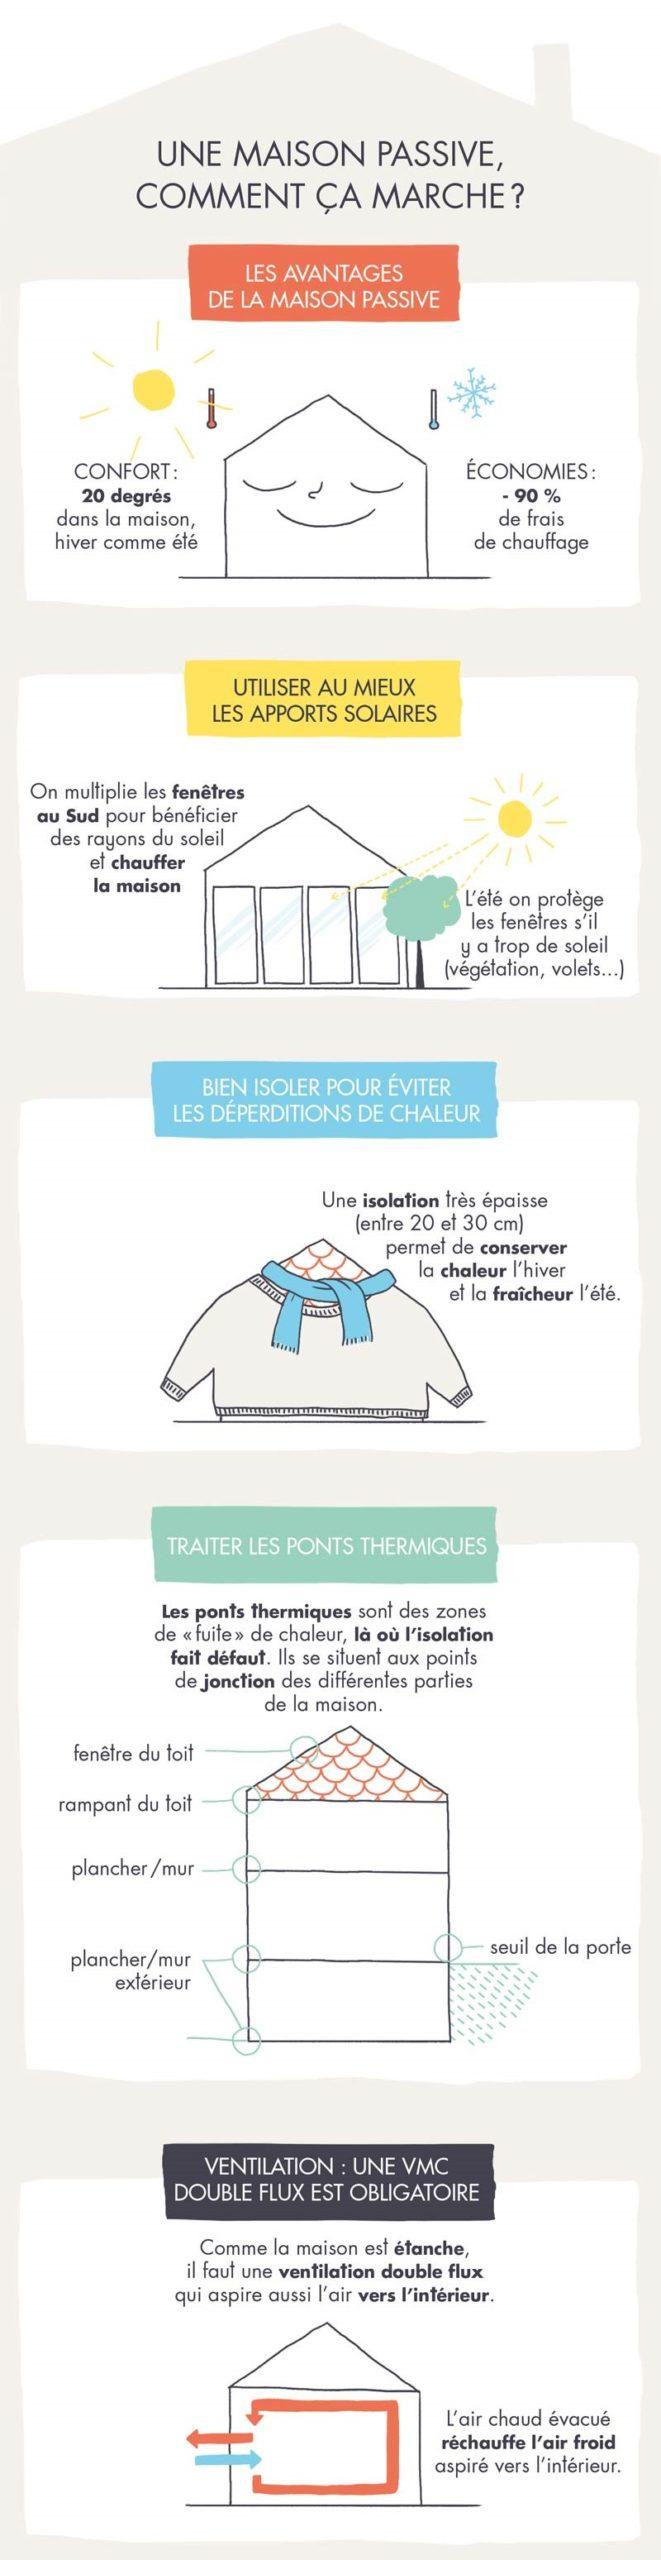 infographie maison passive